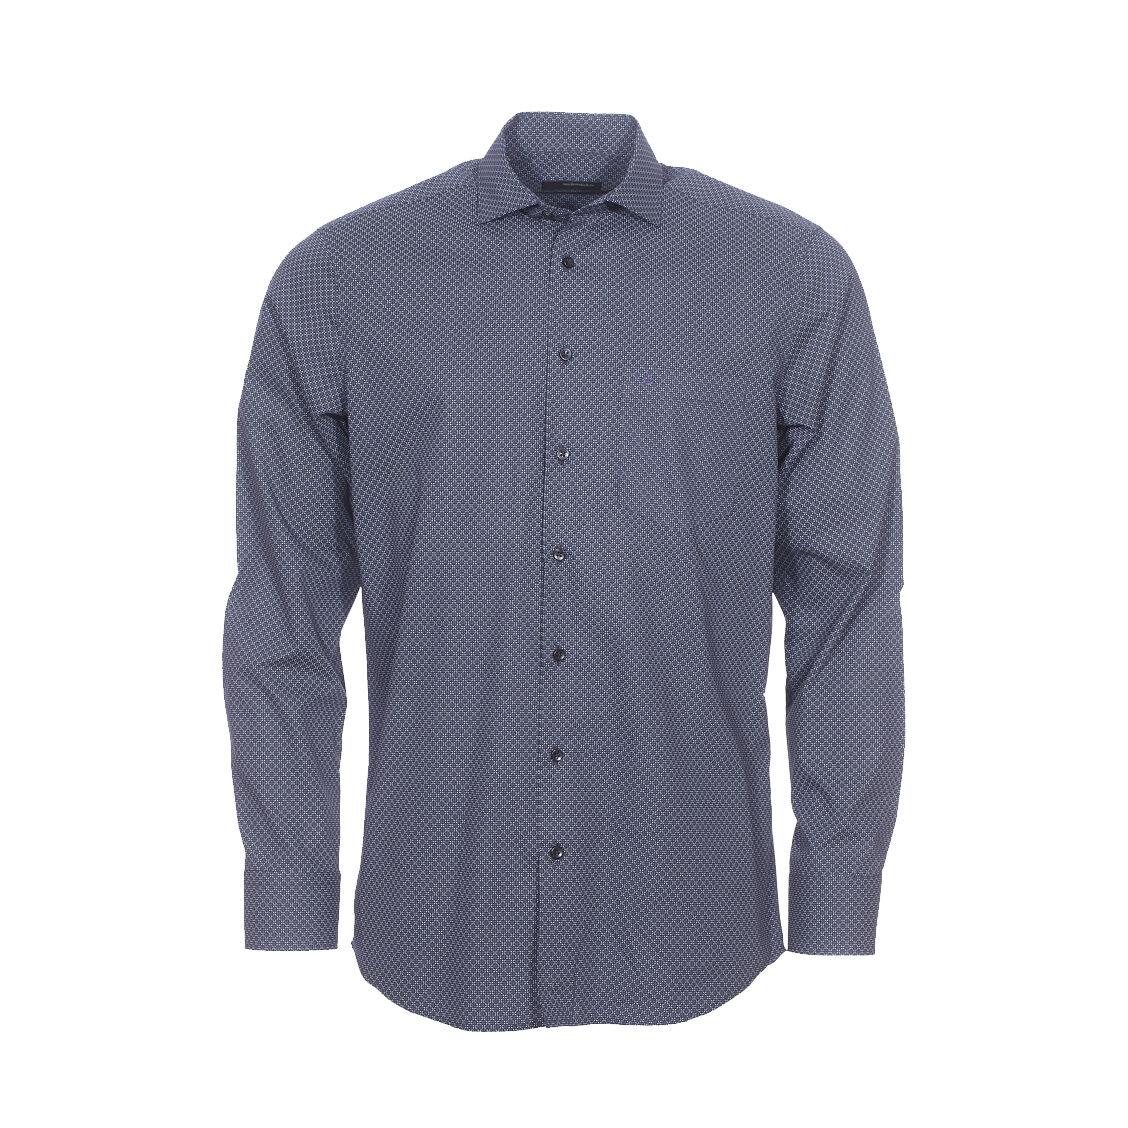 Seidensticker Chemise droite Seidensticker en coton bleu marine à petits carrés blancs et petits motifs gris anthracite - BLEU - 40